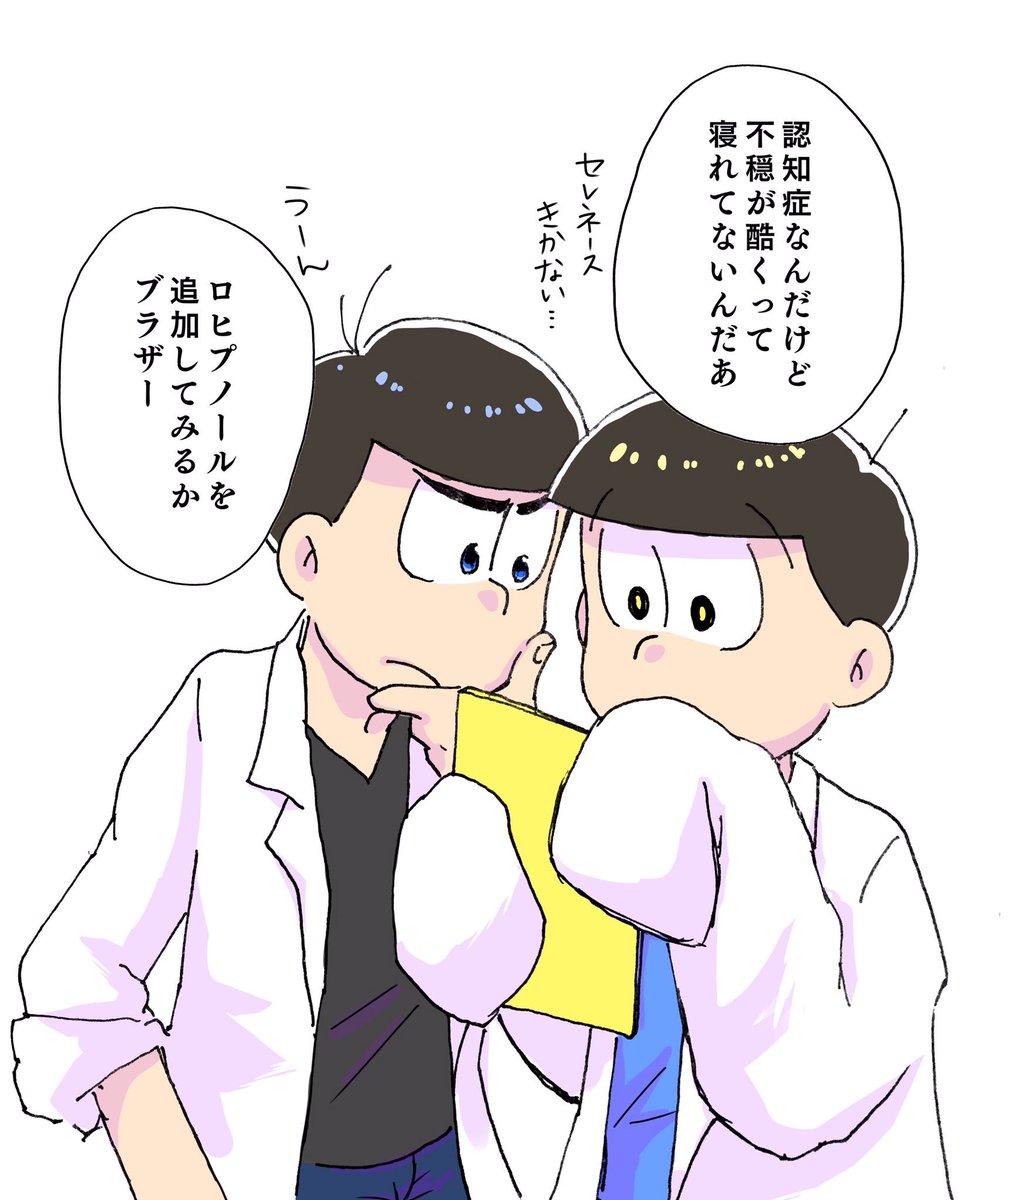 漫画 無料 tl 医者